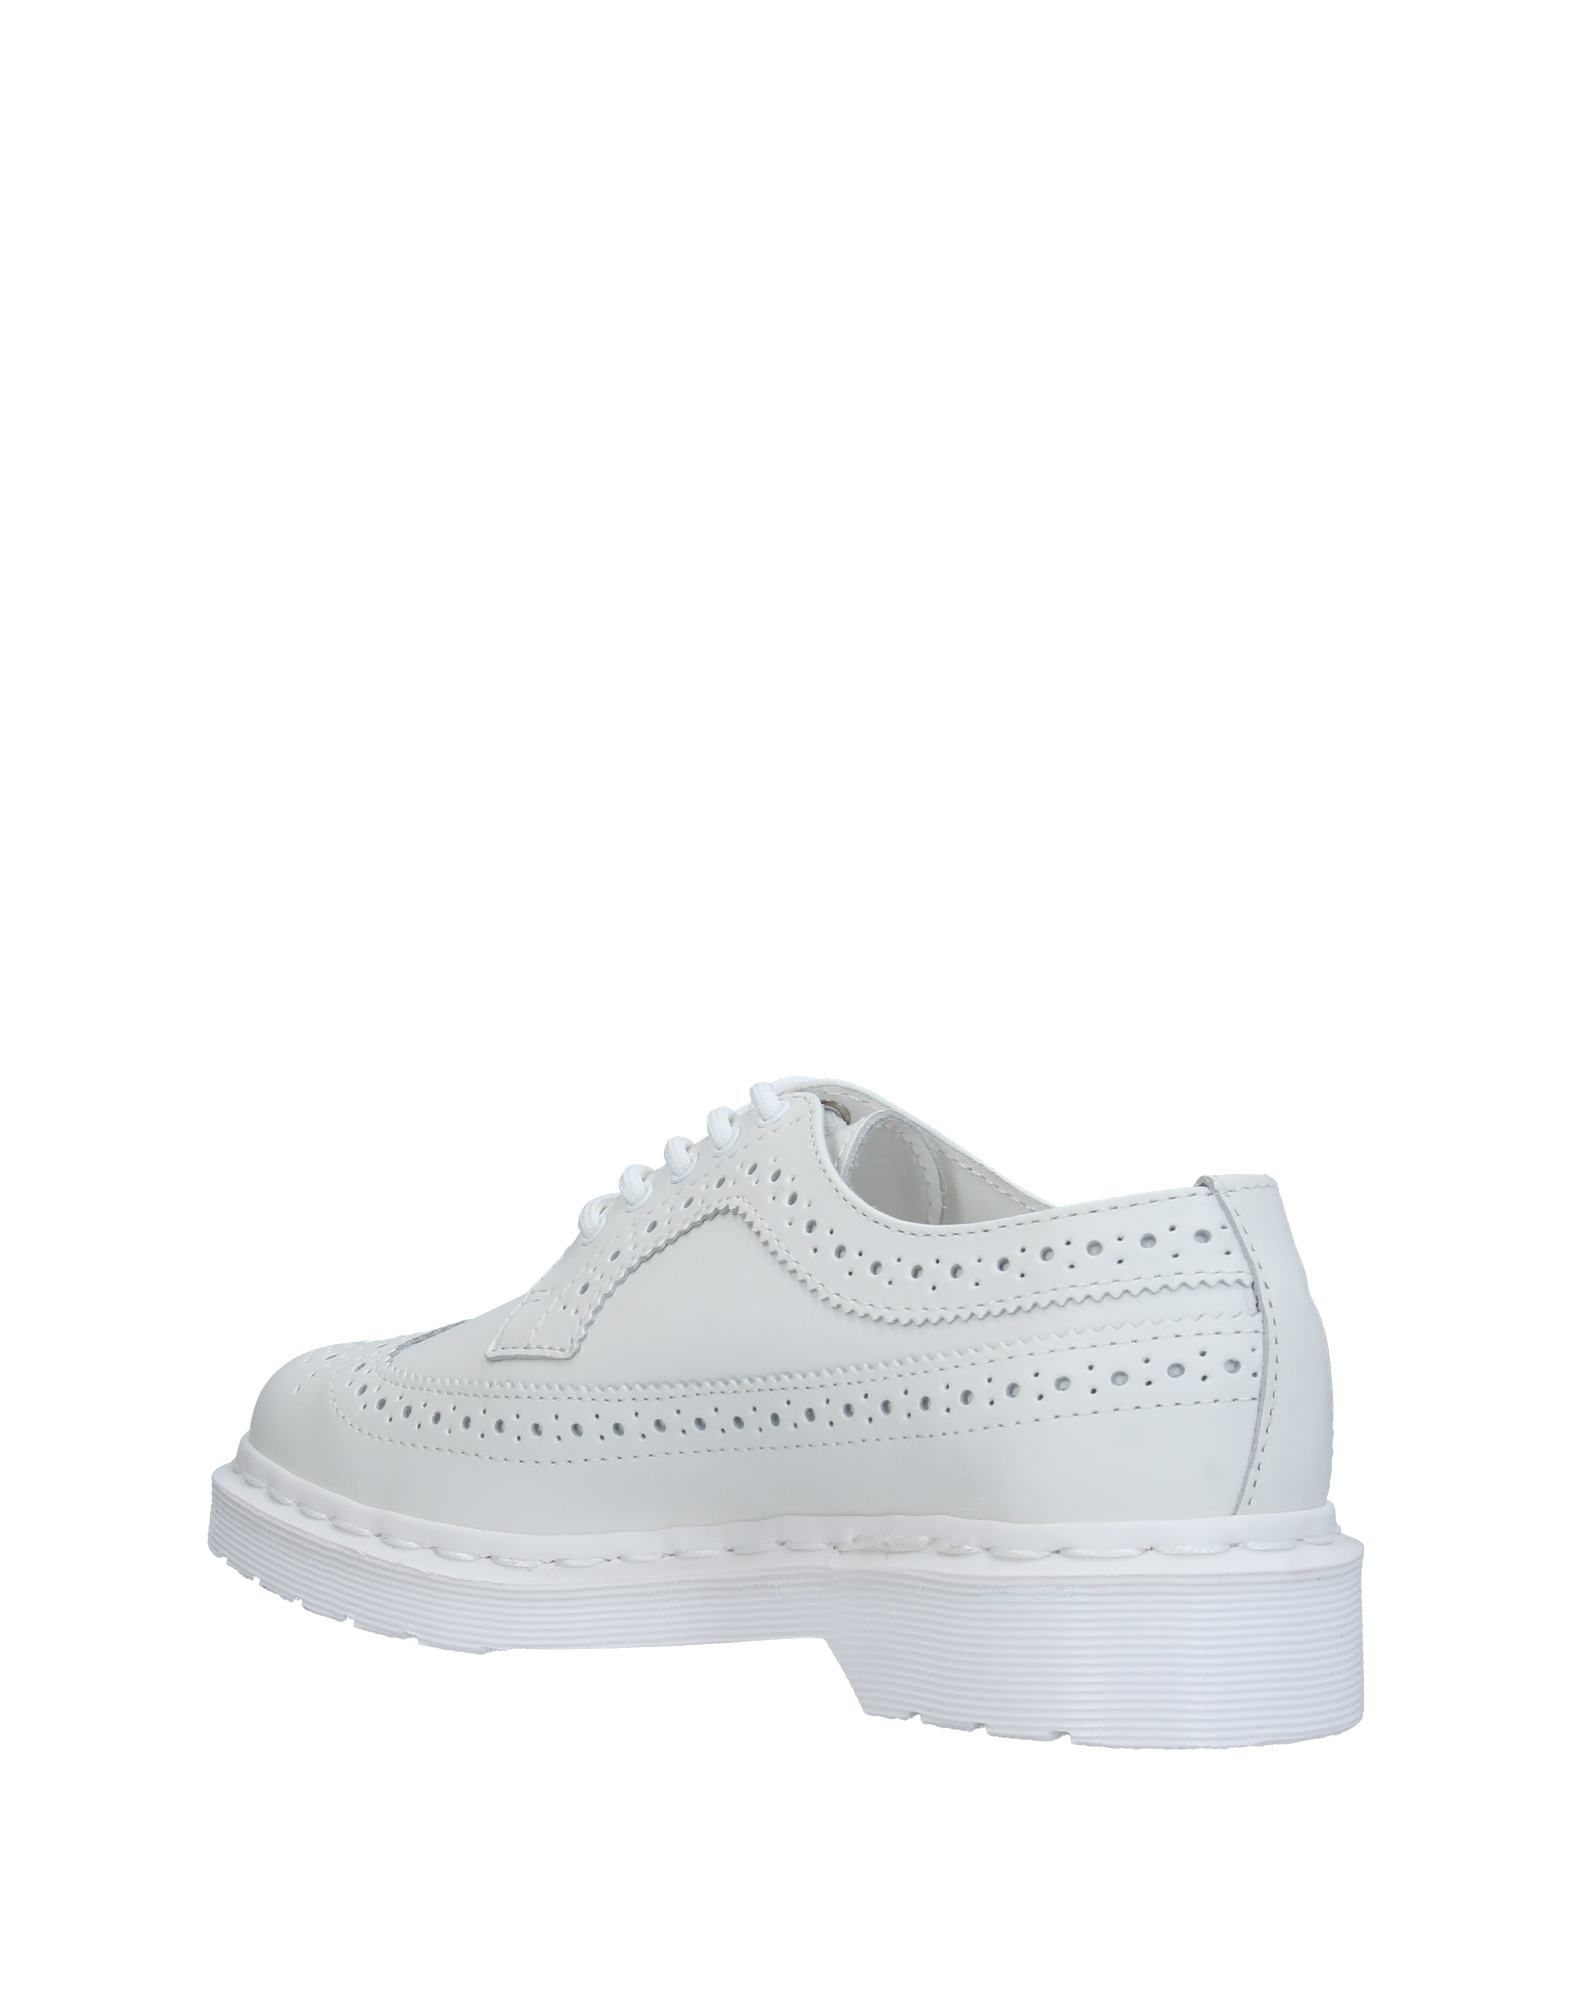 Chaussures À Lacets Dr. Martens Femme - Chaussures À Lacets Dr. Martens sur